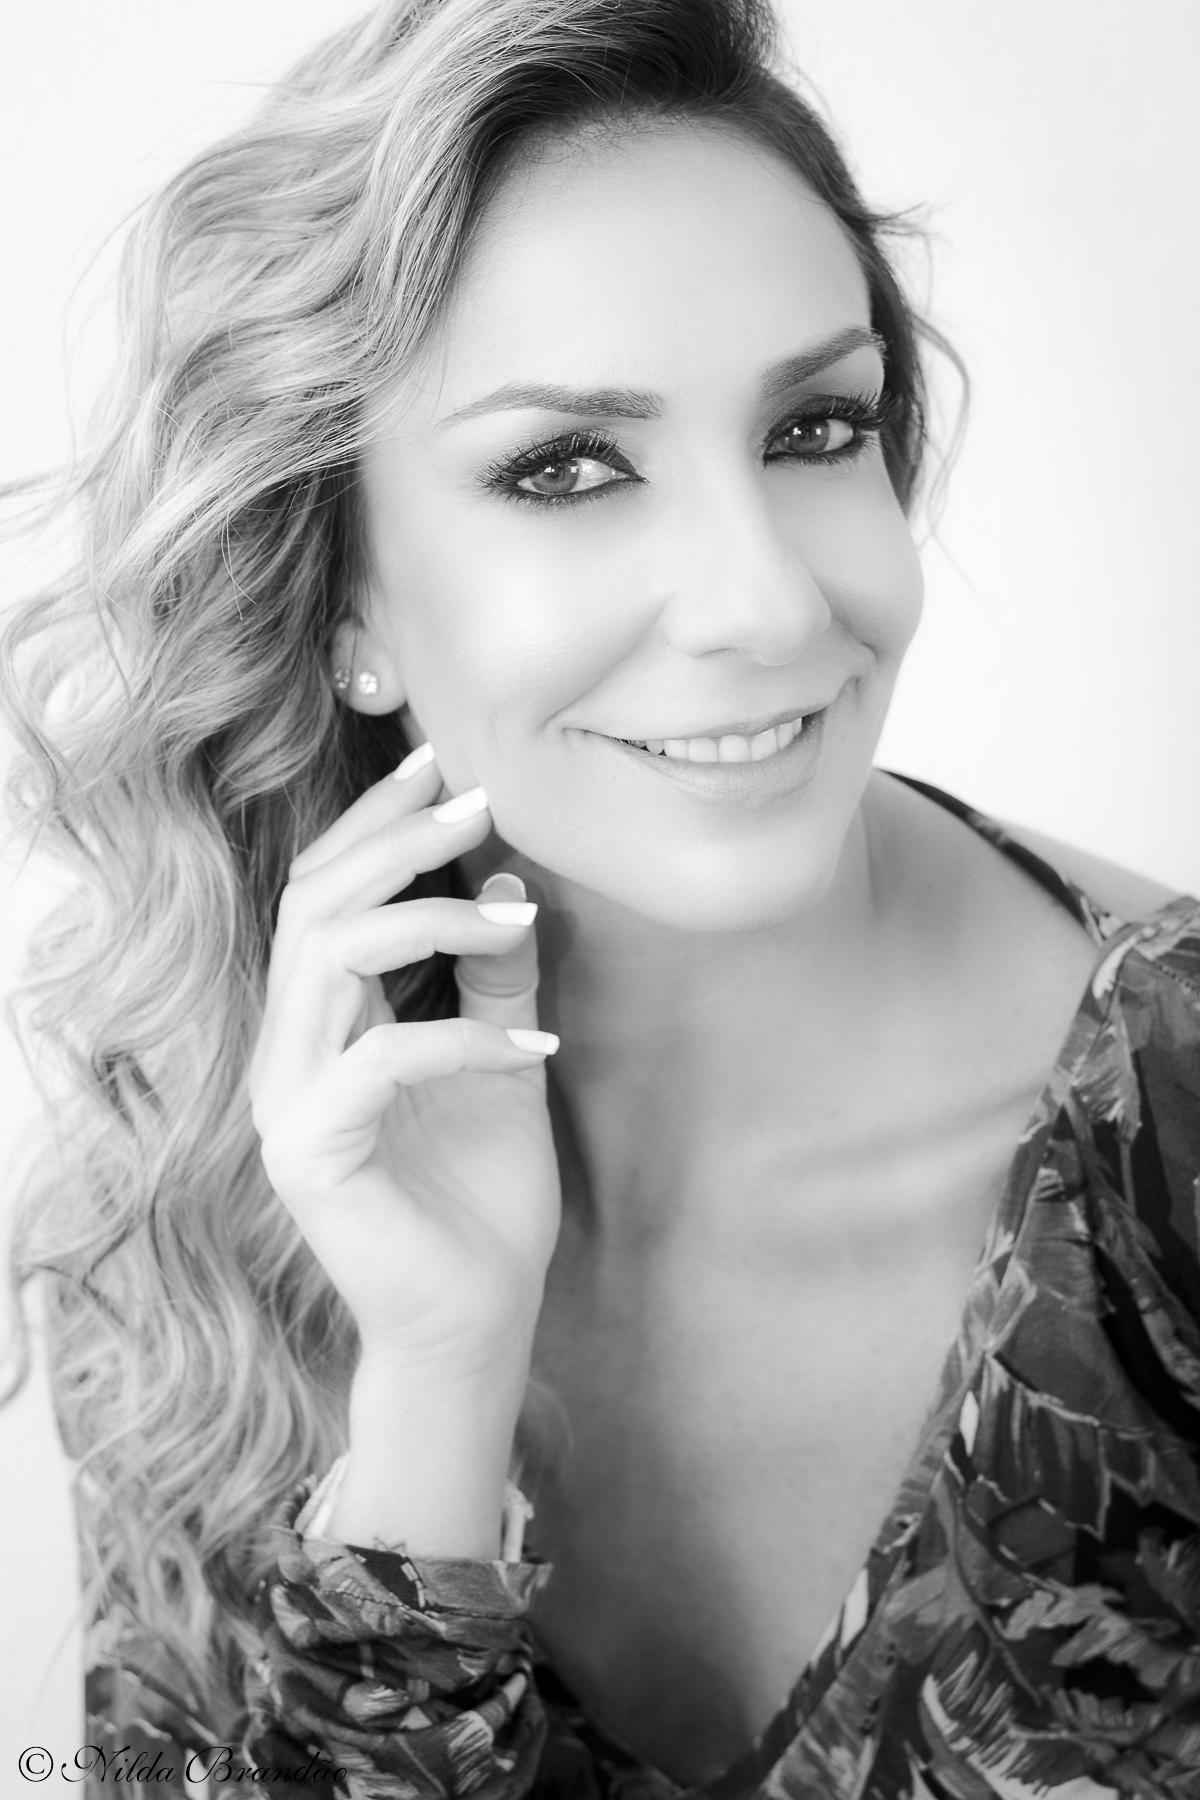 Retrato em preto e branco, Fotografia de moda - Fotos feitas para o Estilista Vinicius Caspar, em seu ateliê em Moema, modelo Marianna Dib